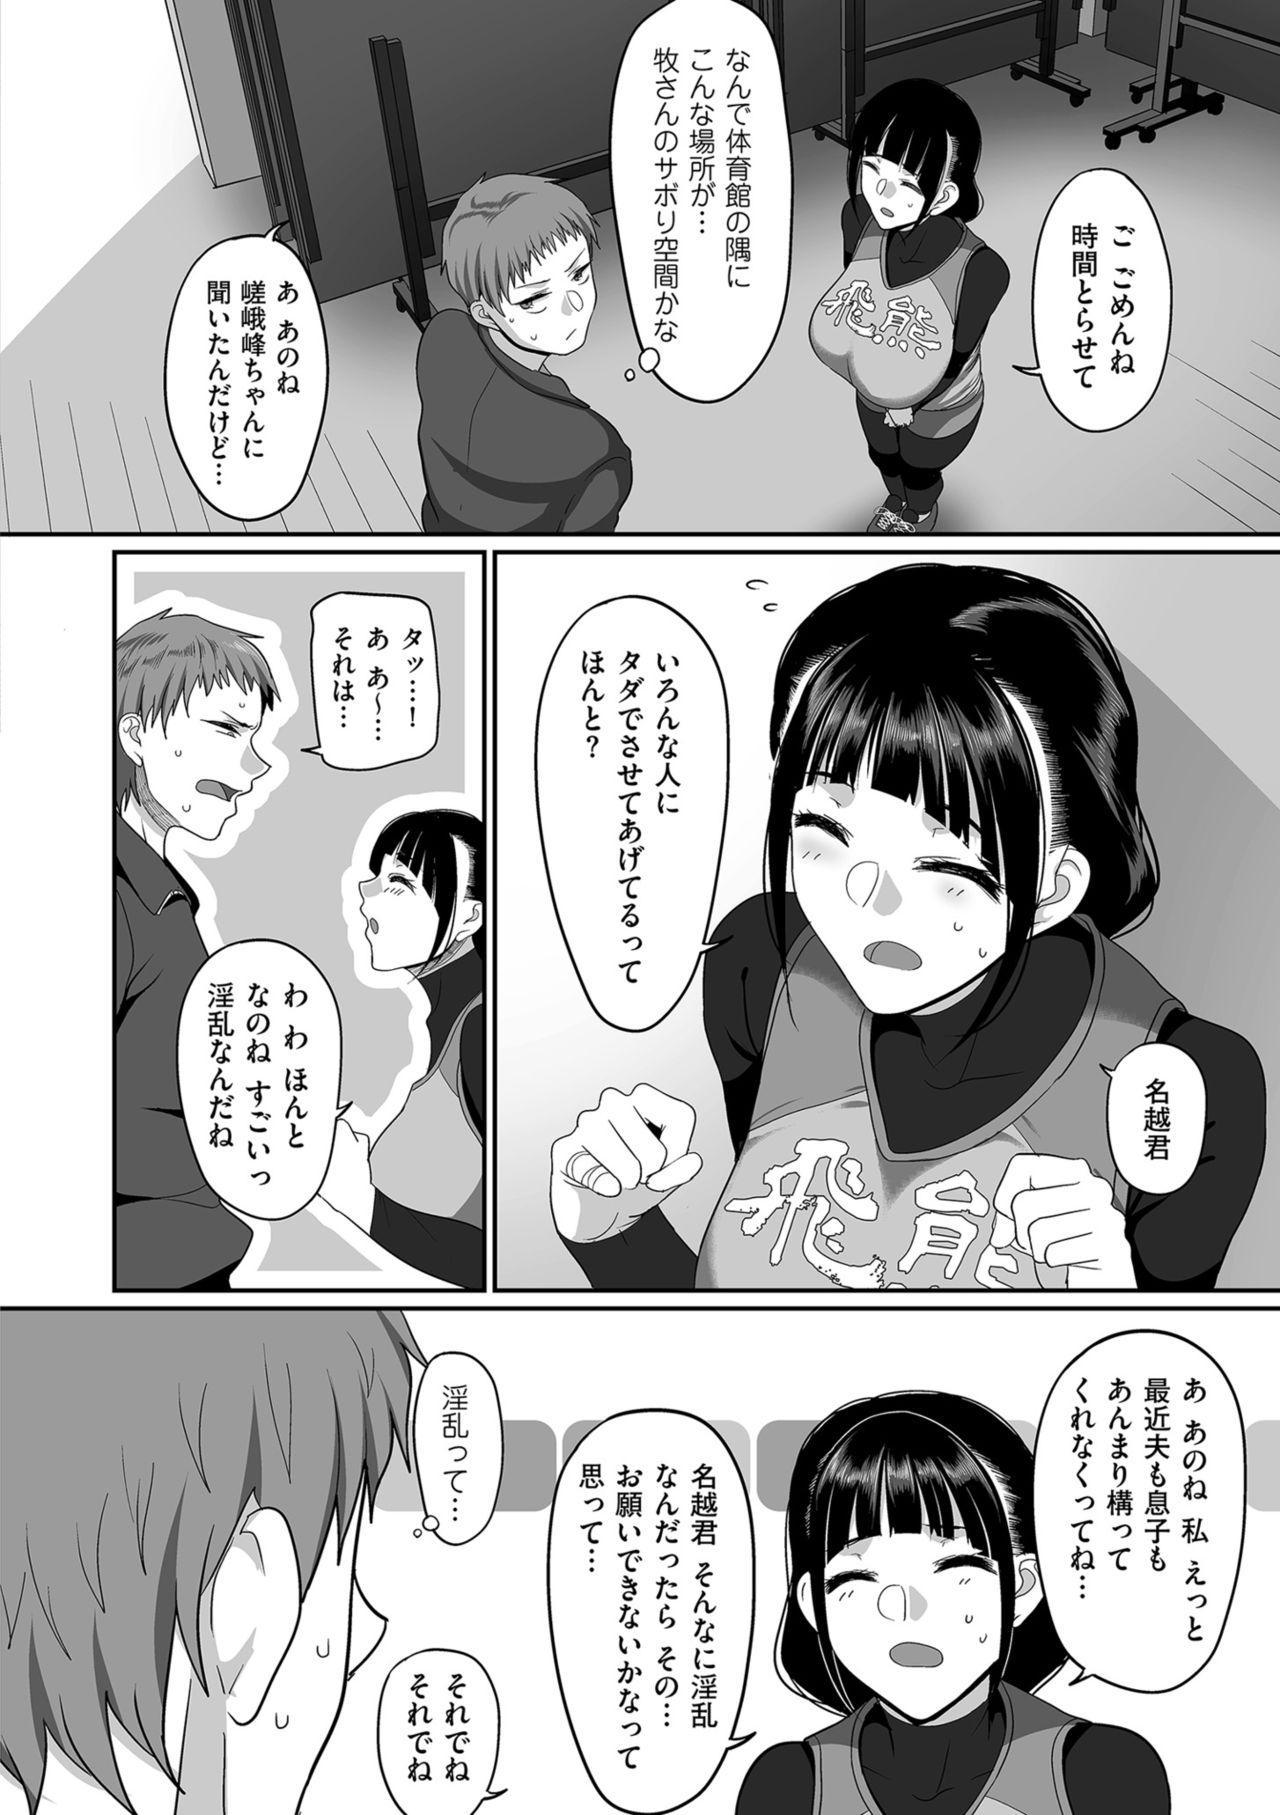 [Yamamoto Zenzen] S-ken K-shi Shakaijin Joshi Volleyball Circle no Jijou [Digital] 139